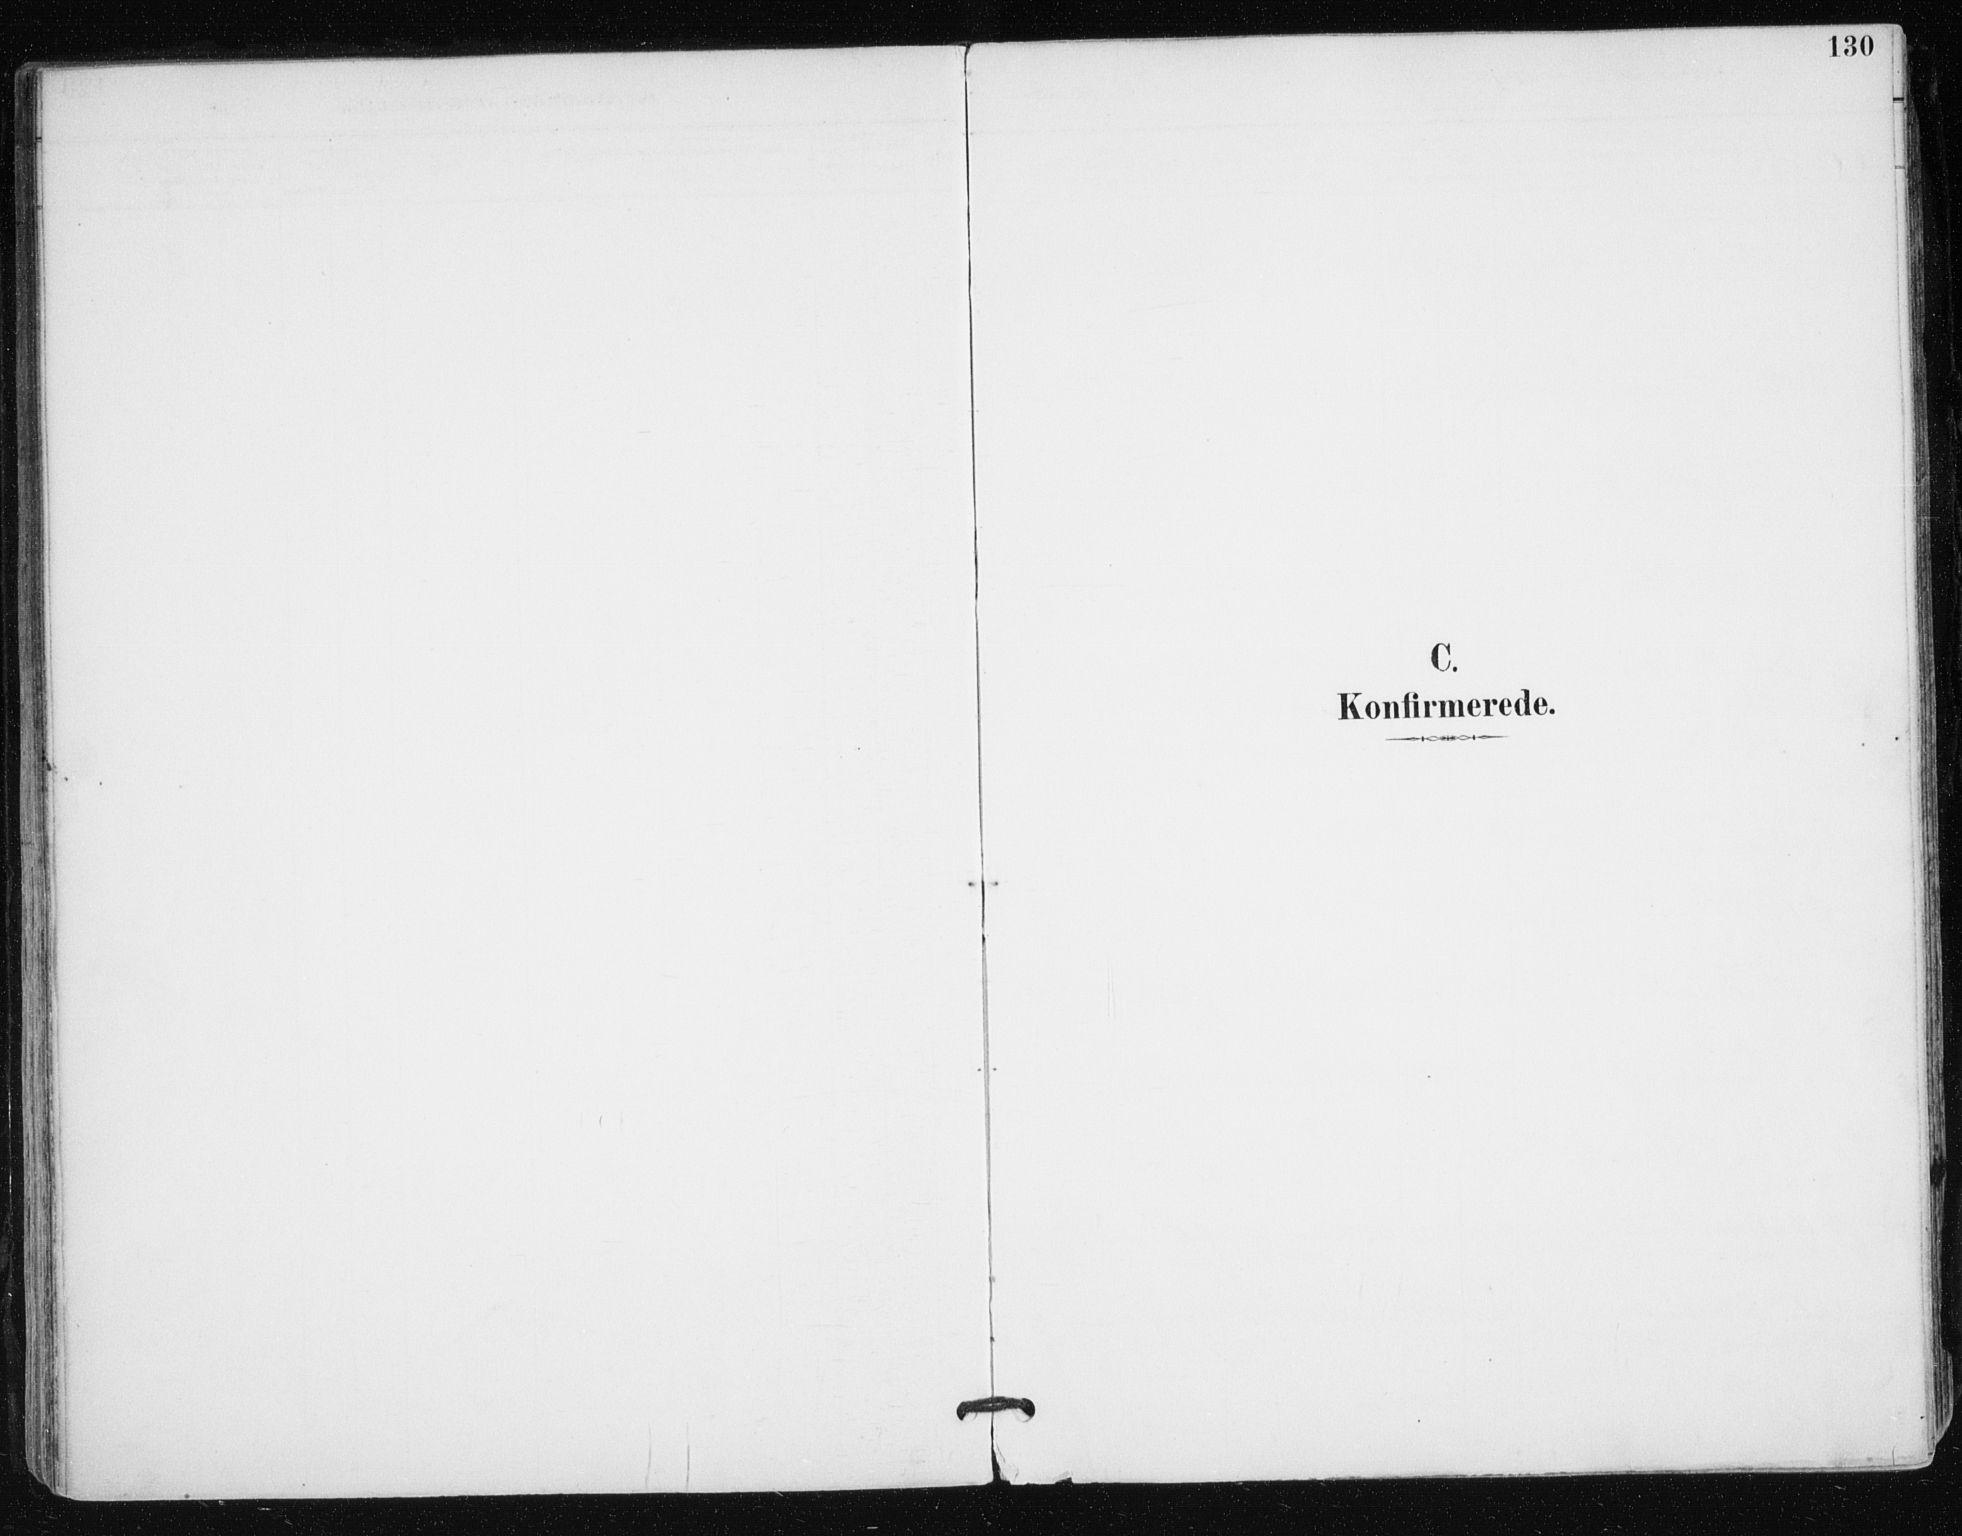 SATØ, Tana sokneprestkontor, H/Ha/L0005kirke: Ministerialbok nr. 5, 1891-1903, s. 130